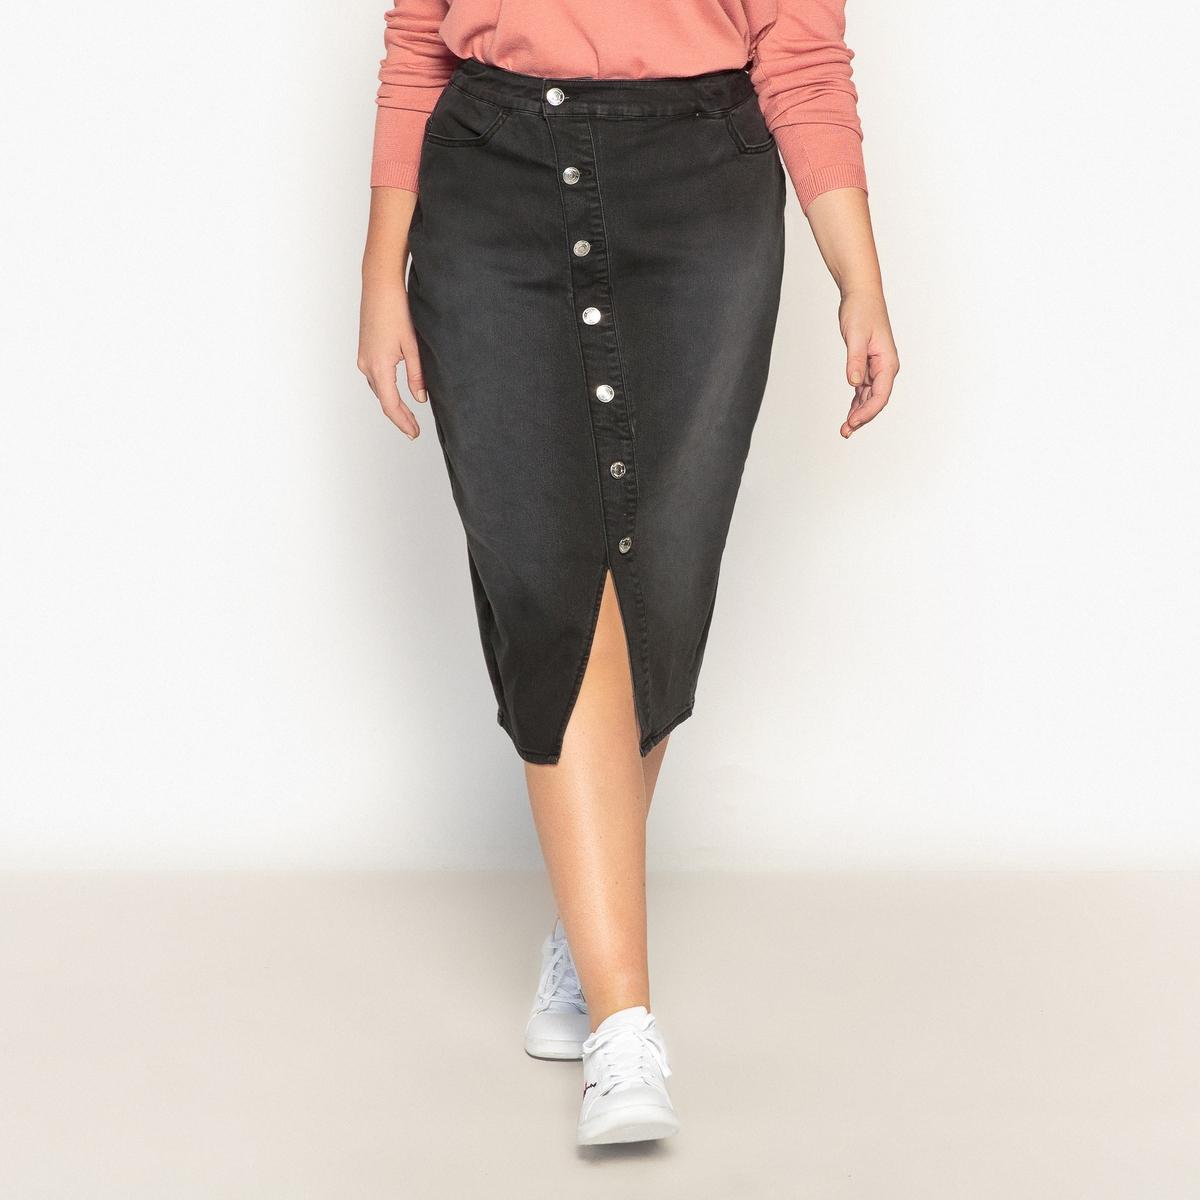 Юбкаиз денима на пуговицахВ этом сезоне деним снова в моде . Эта юбка с застежкой на пуговицы сзади -на пике моды . Можно носить в сочетании с кедами для свободного стиля   .Детали •  Форма : прямая •  Длина ниже колен Состав и уход •  78% хлопка, 2% эластана, 20% полиэстера •  Подкладка : 100% хлопок •  Температура стирки 30°   •  Сухая чистка и отбеливание запрещены •  Не использовать барабанную сушку   •  Низкая температура глажки   ВАЖНО: Товар без манжетТовар из коллекции больших размеров •  Длина : 70 см<br><br>Цвет: черный<br>Размер: 42 (FR) - 48 (RUS).46 (FR) - 52 (RUS).44 (FR) - 50 (RUS)